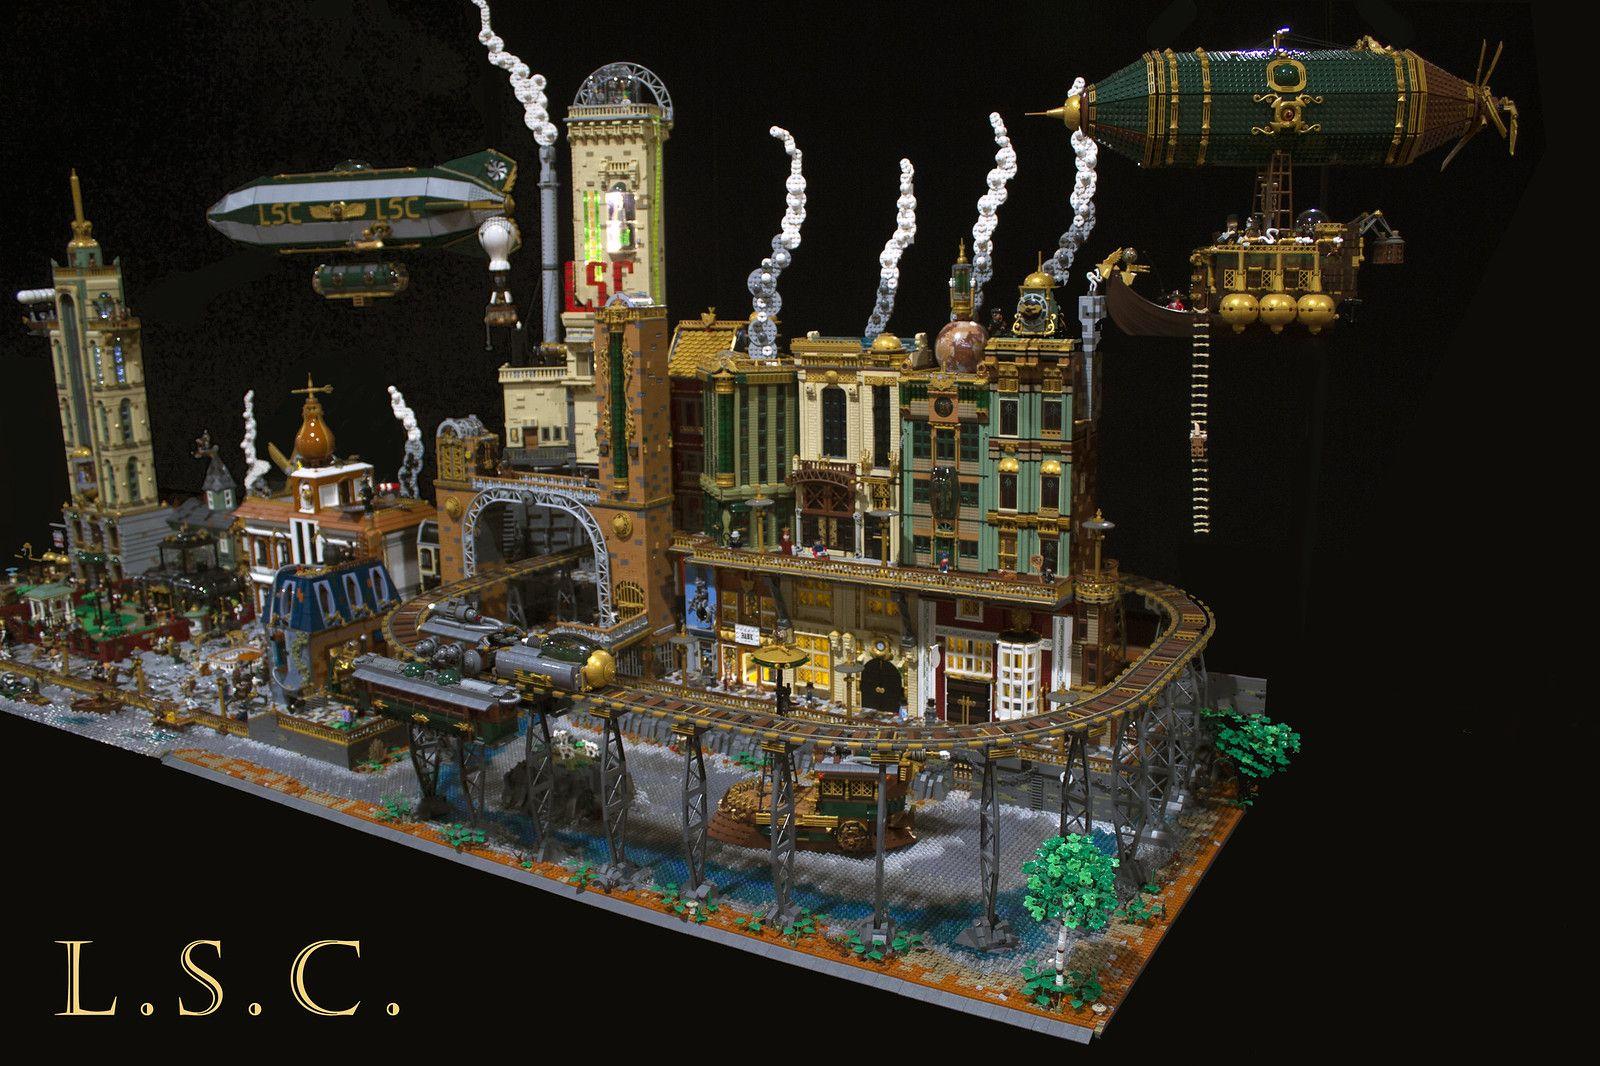 Lego Steam Company - Steampunk layout 2019 | Steampunk ...